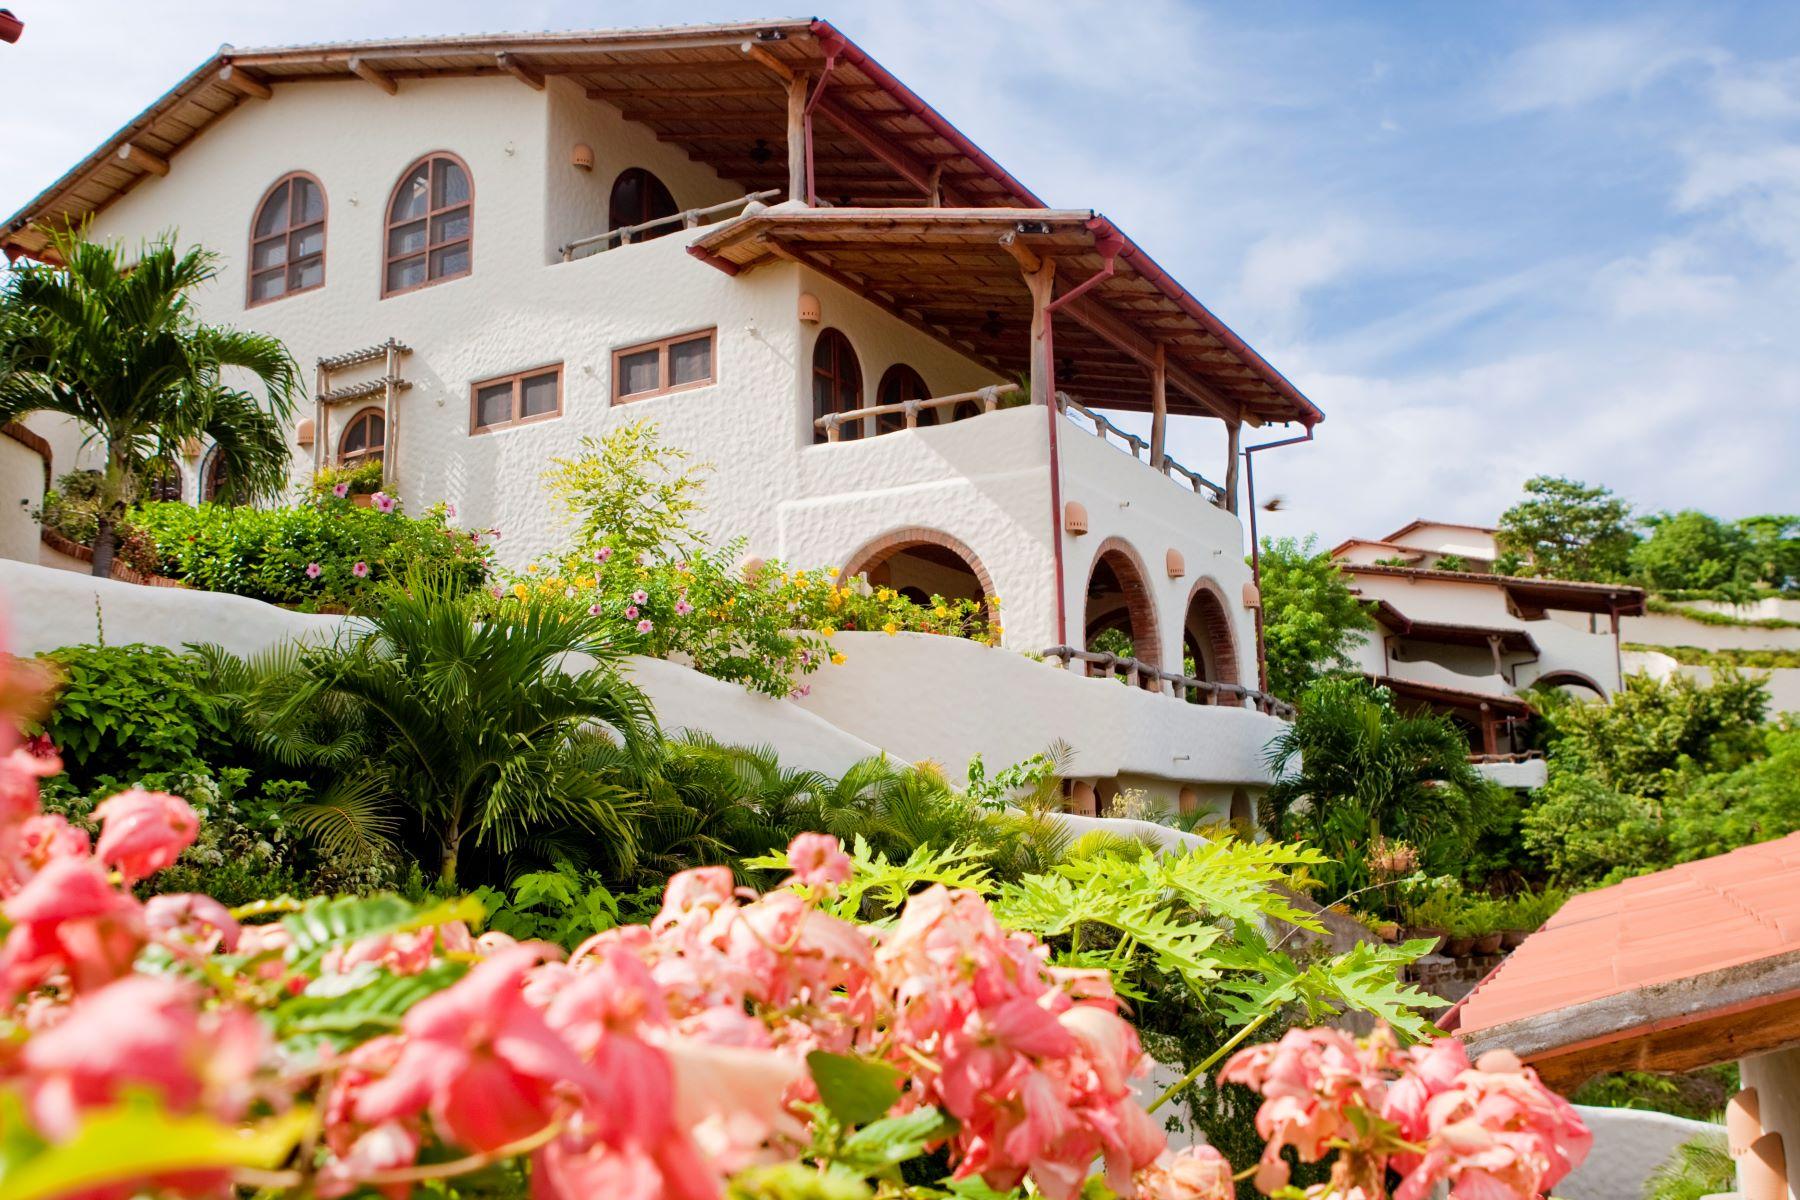 Частный односемейный дом для того Продажа на Villa Cielo Paradise Found in Nicaragua San Juan Del Sur, Rivas, Nicaragua